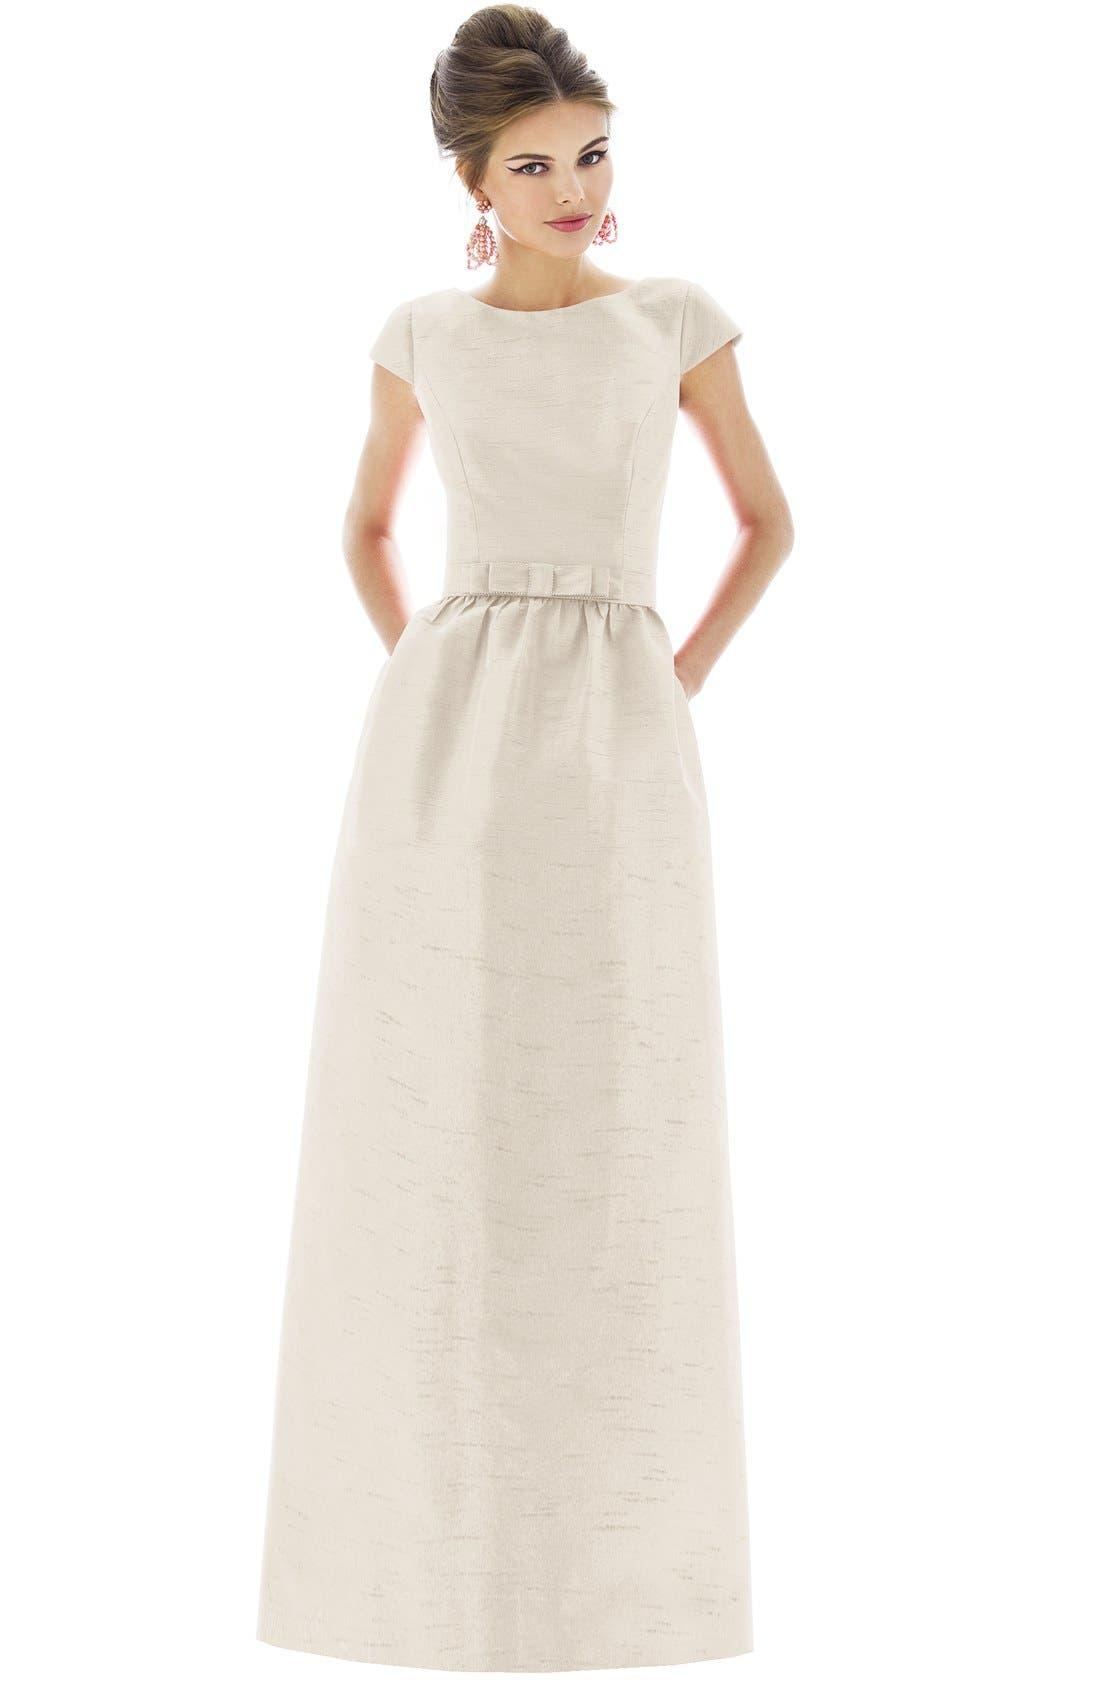 White dupioni dress